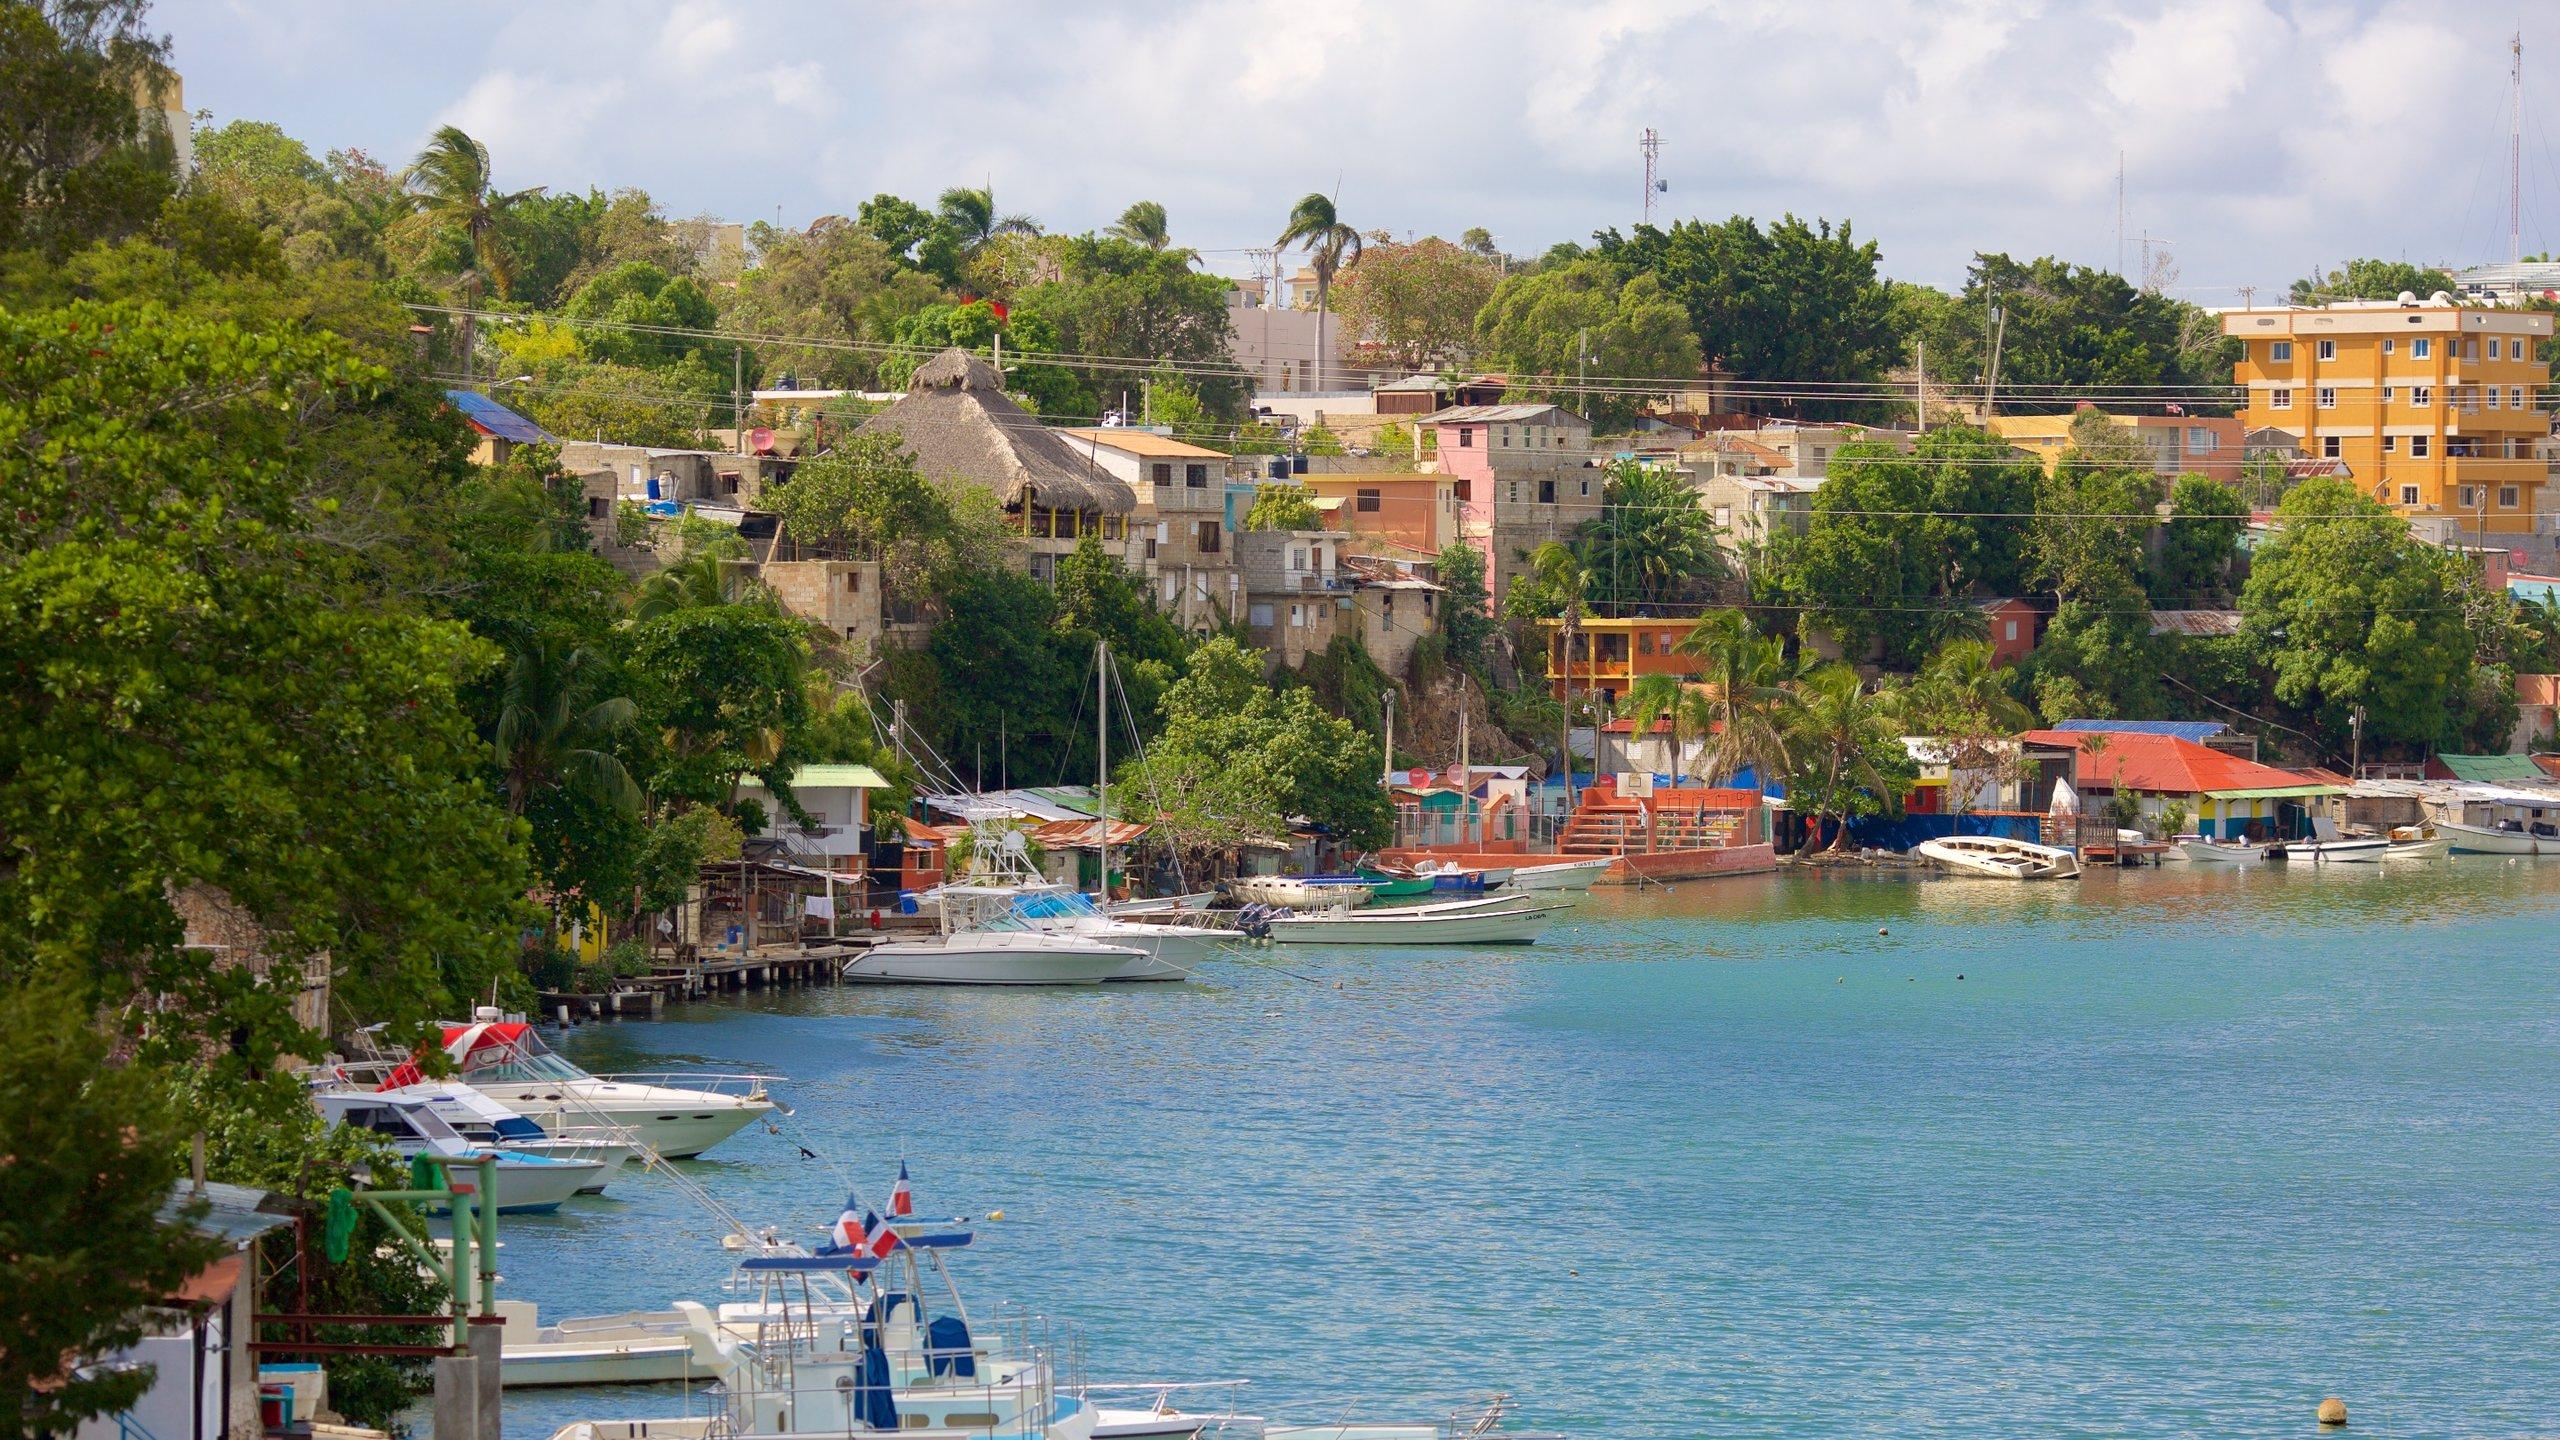 La Romana, La Romana, Dominican Republic